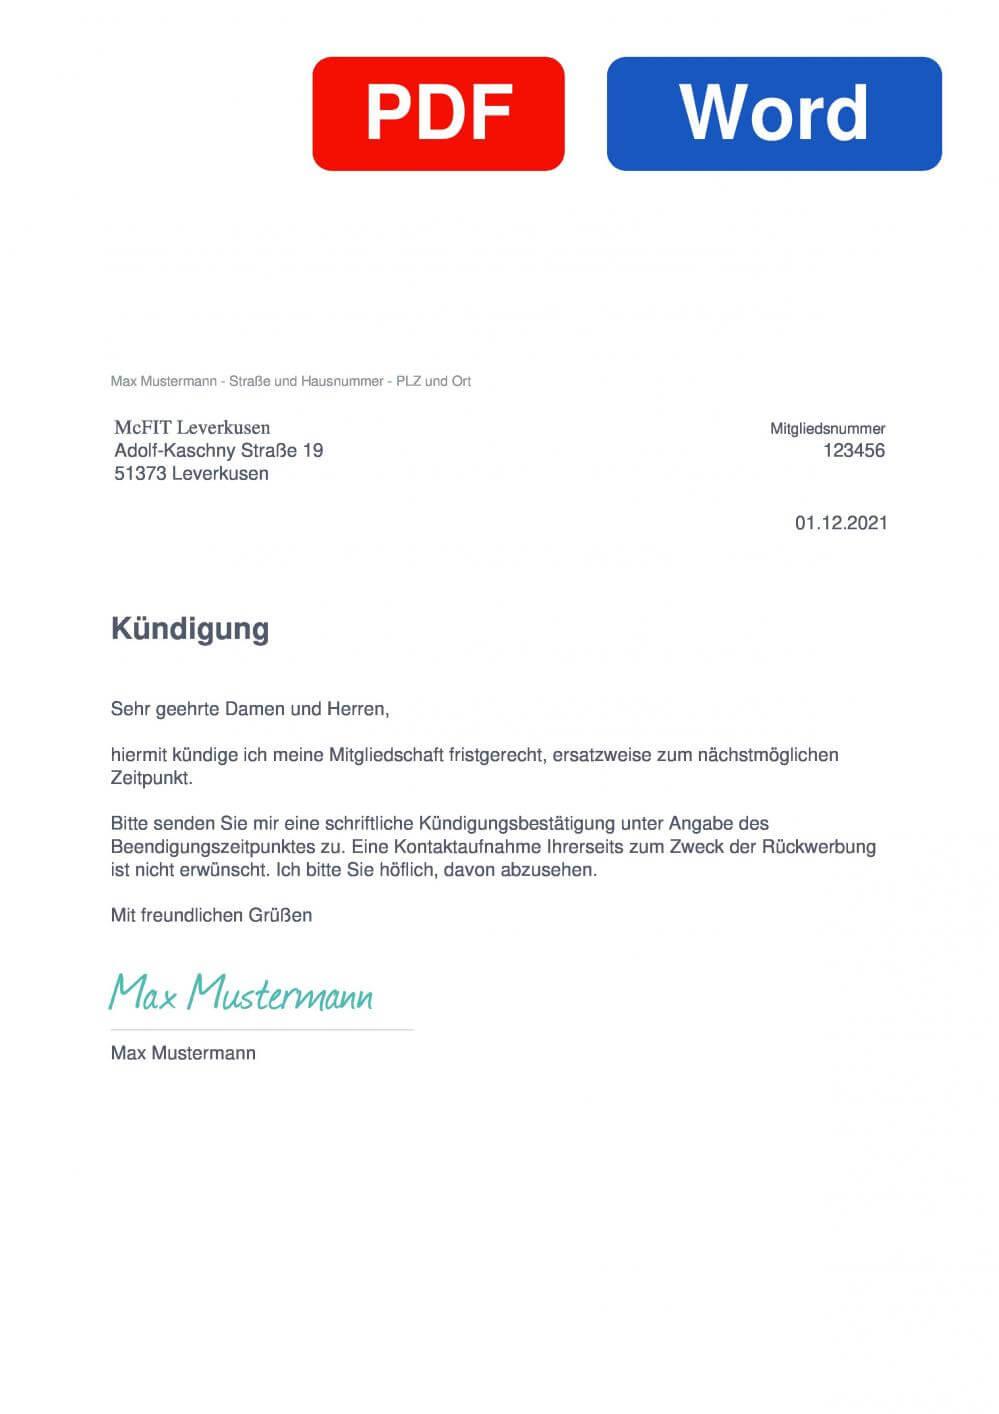 McFIT Leverkusen Muster Vorlage für Kündigungsschreiben